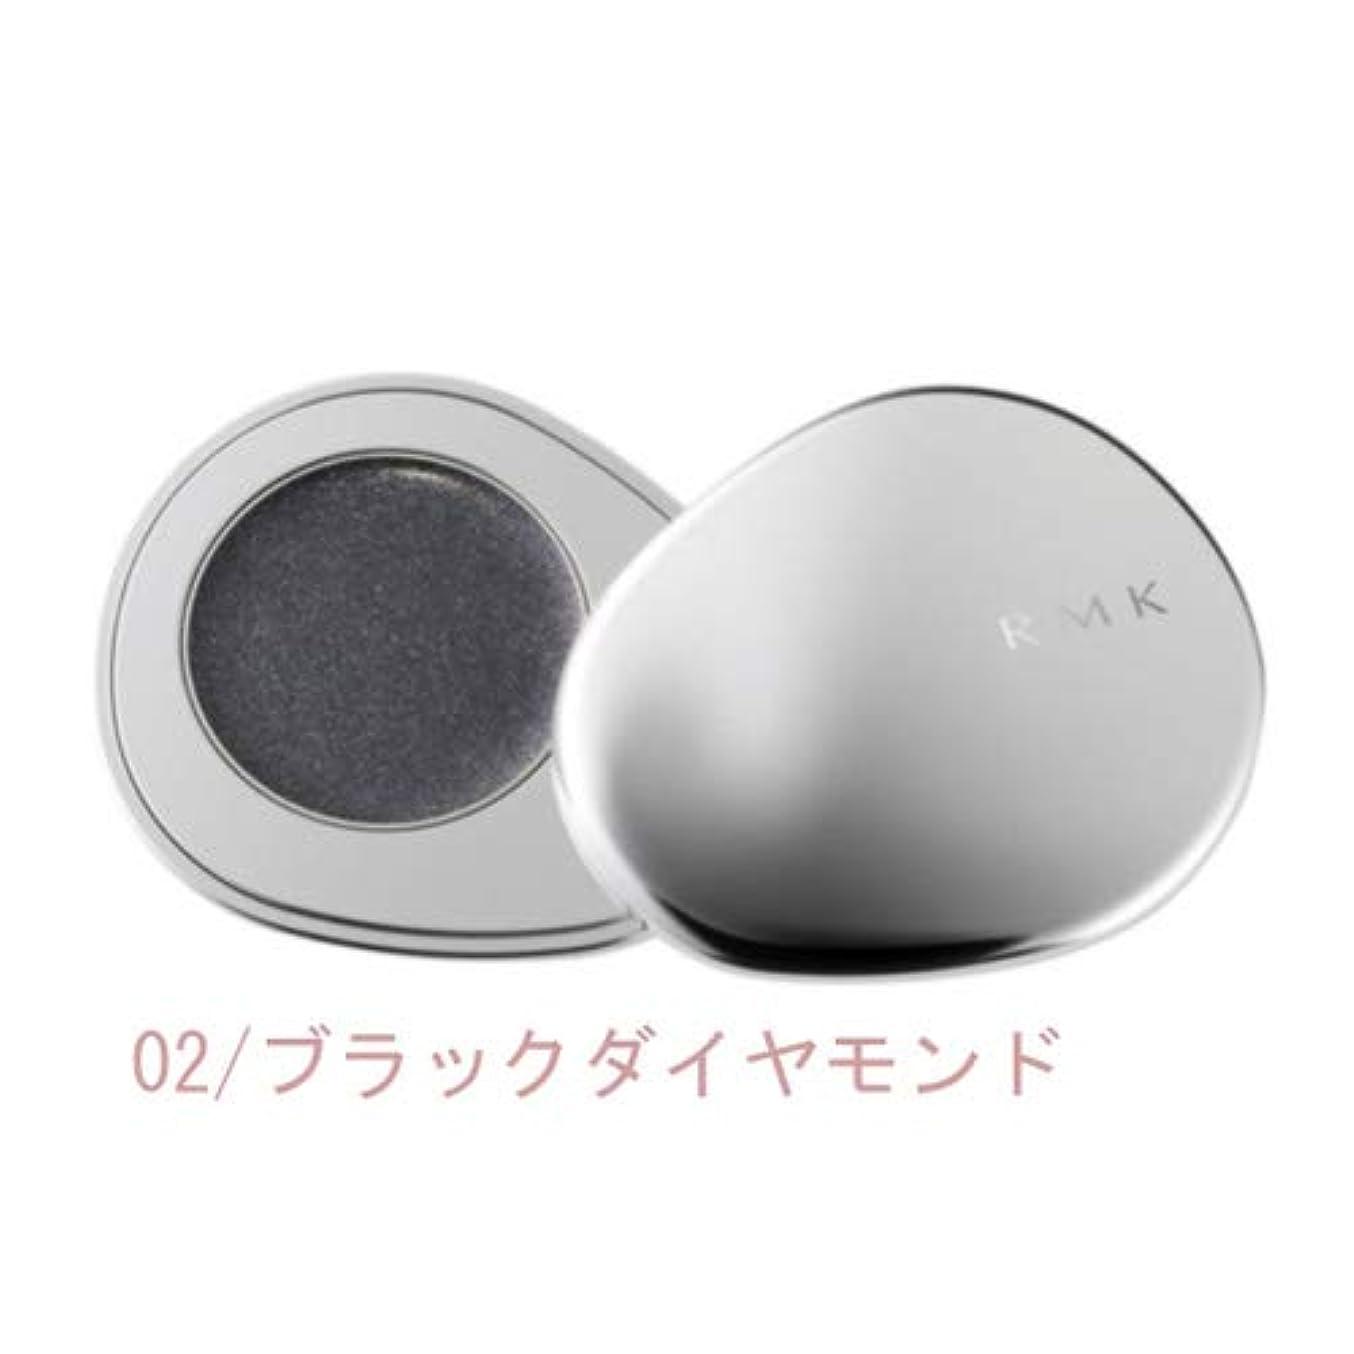 RMK(アールエムケー) ストーンブロッサム グロージェル(限定品)_1.4g/アイシャドウ (ブラックダイヤモンド)